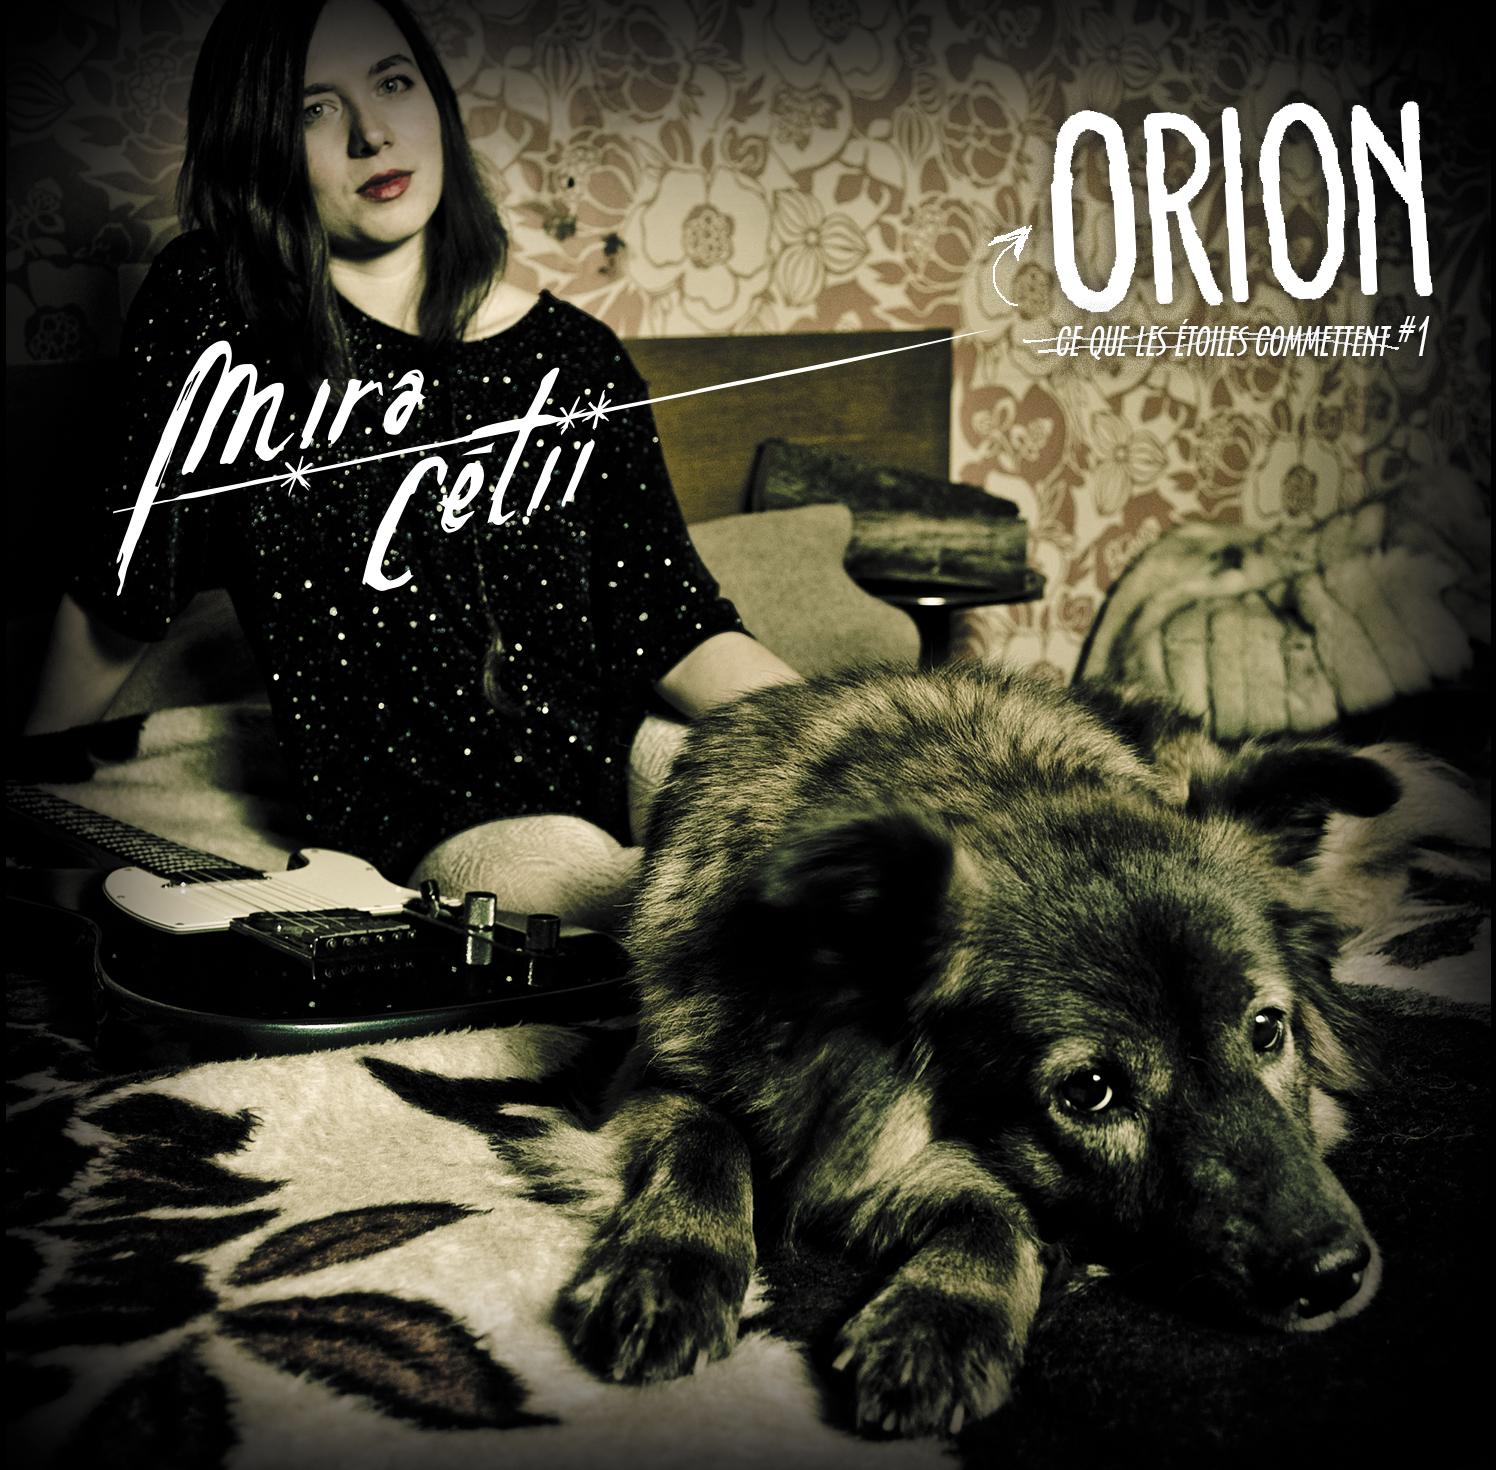 """1er EP (6 titres) : """"Orion - Ce que les étoiles commettent #1"""""""